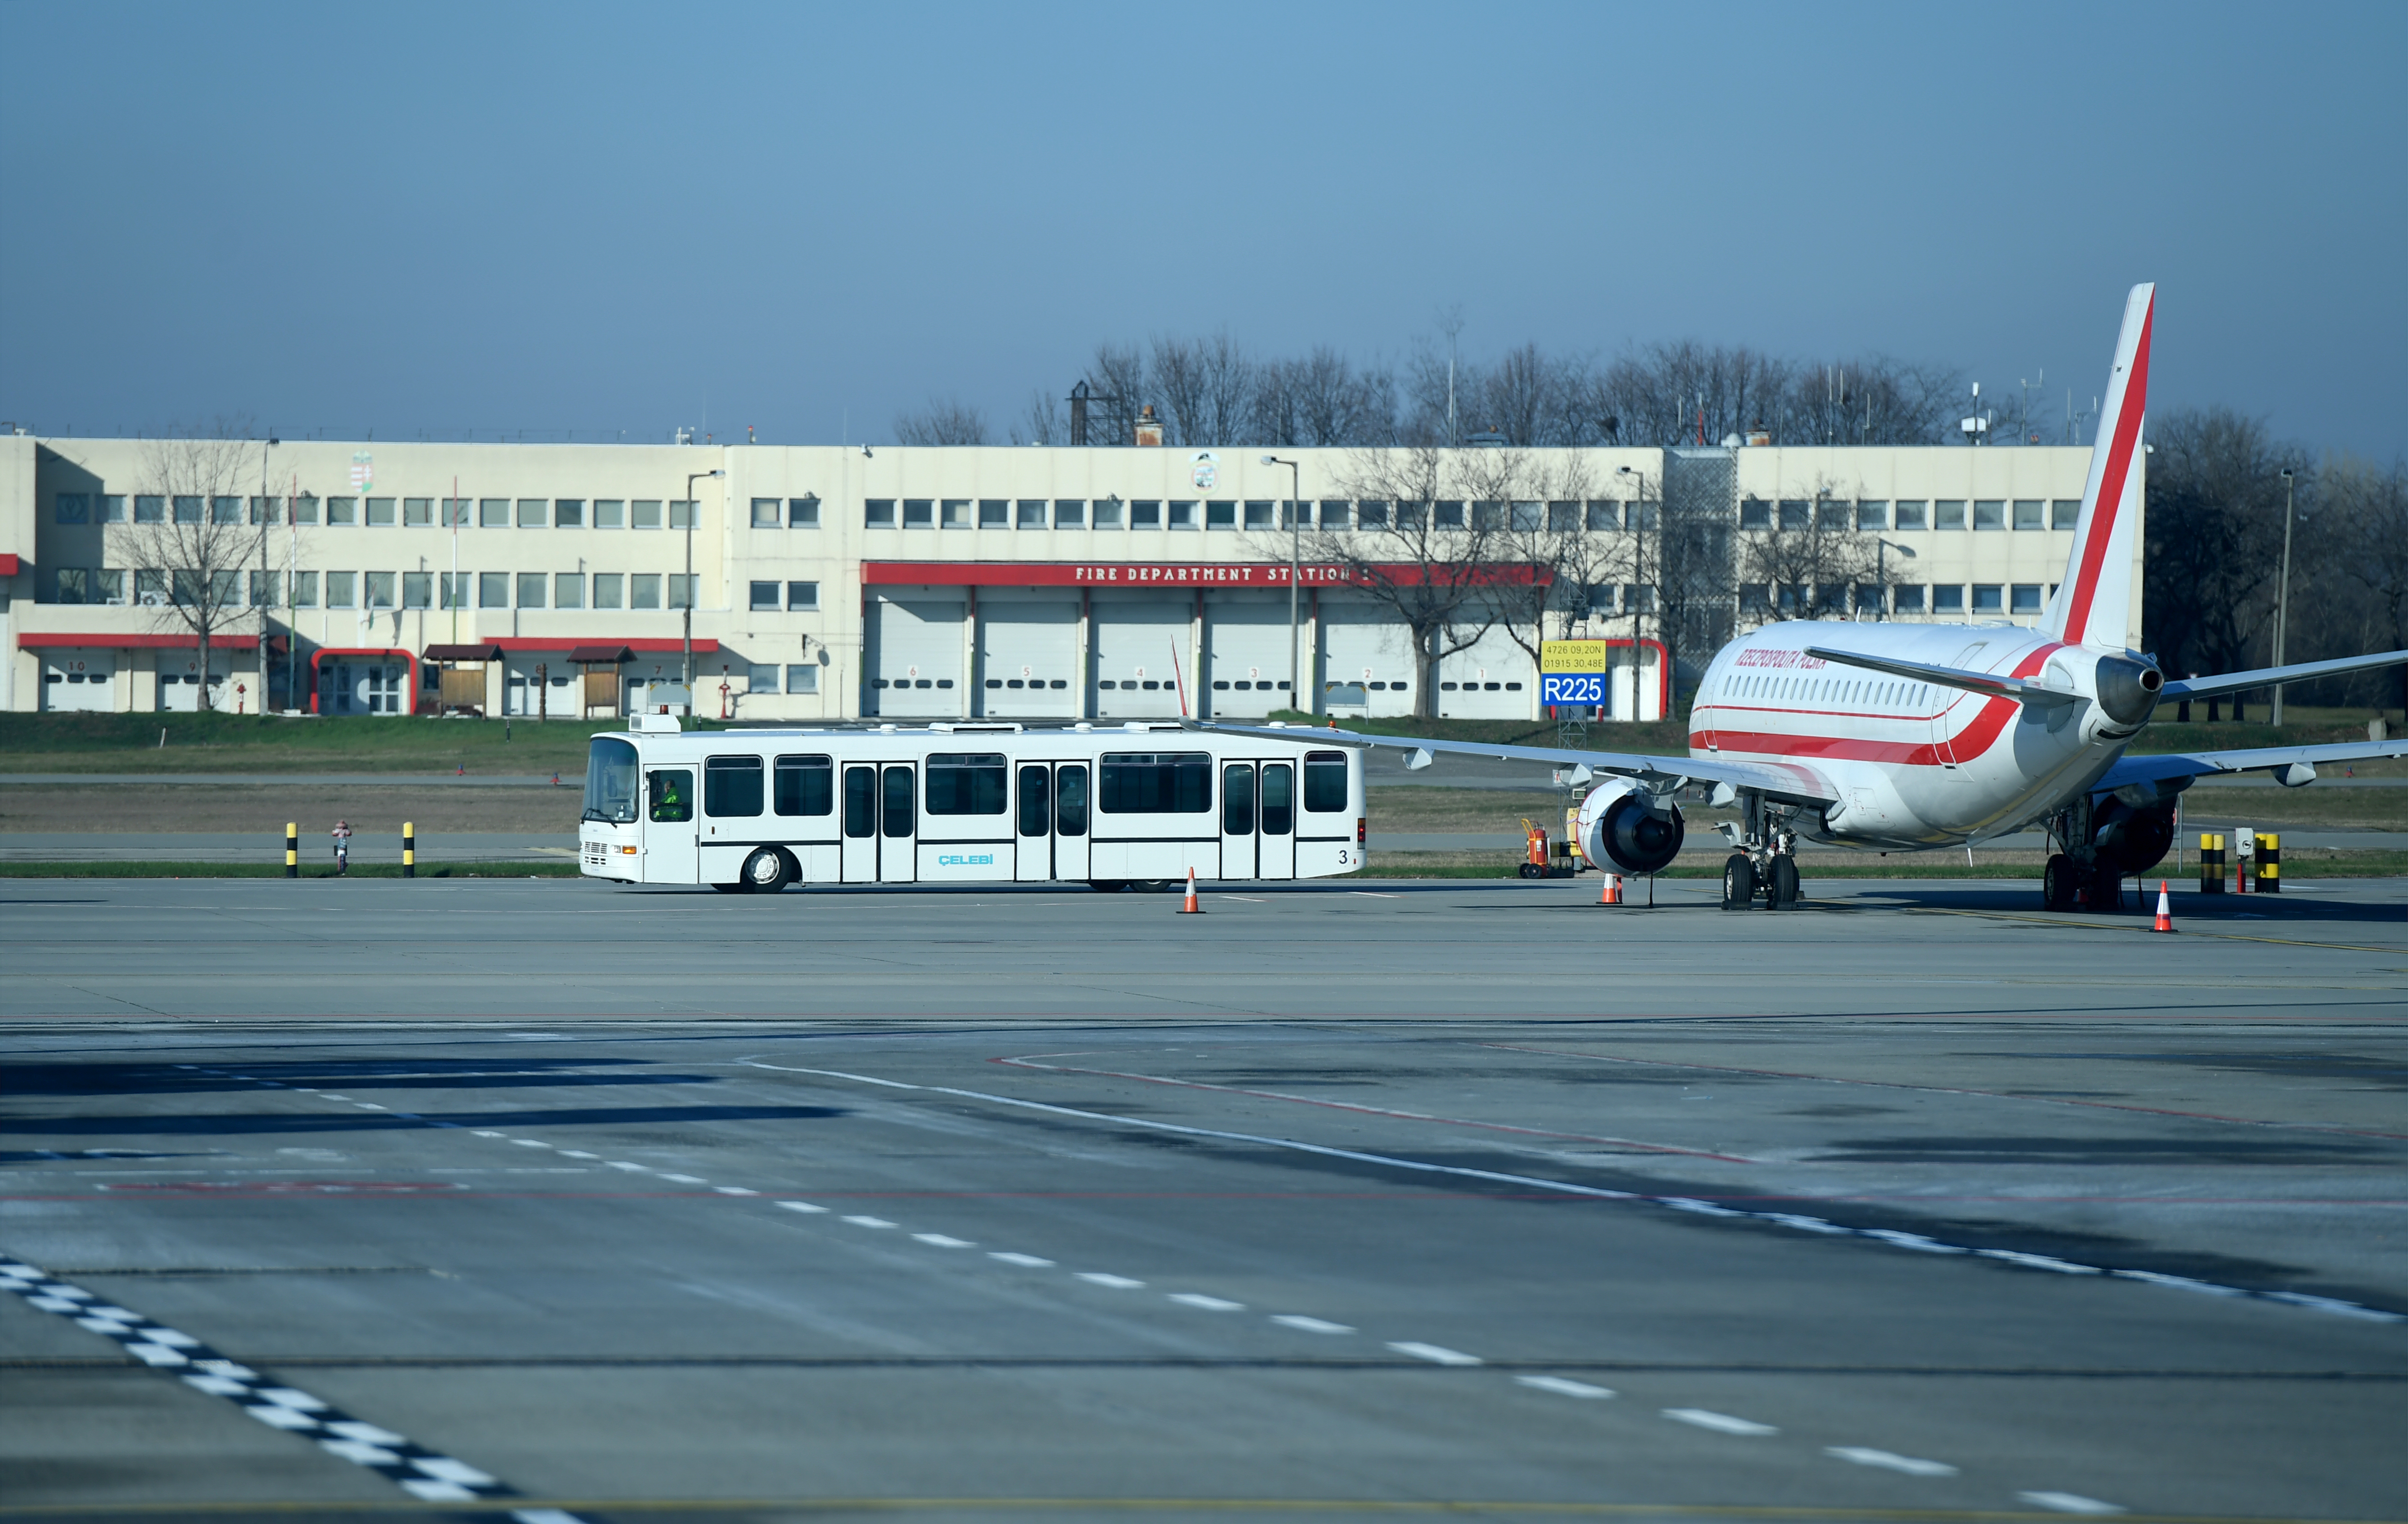 Két repülőgép is Budapesten szakította meg az útját kedden este